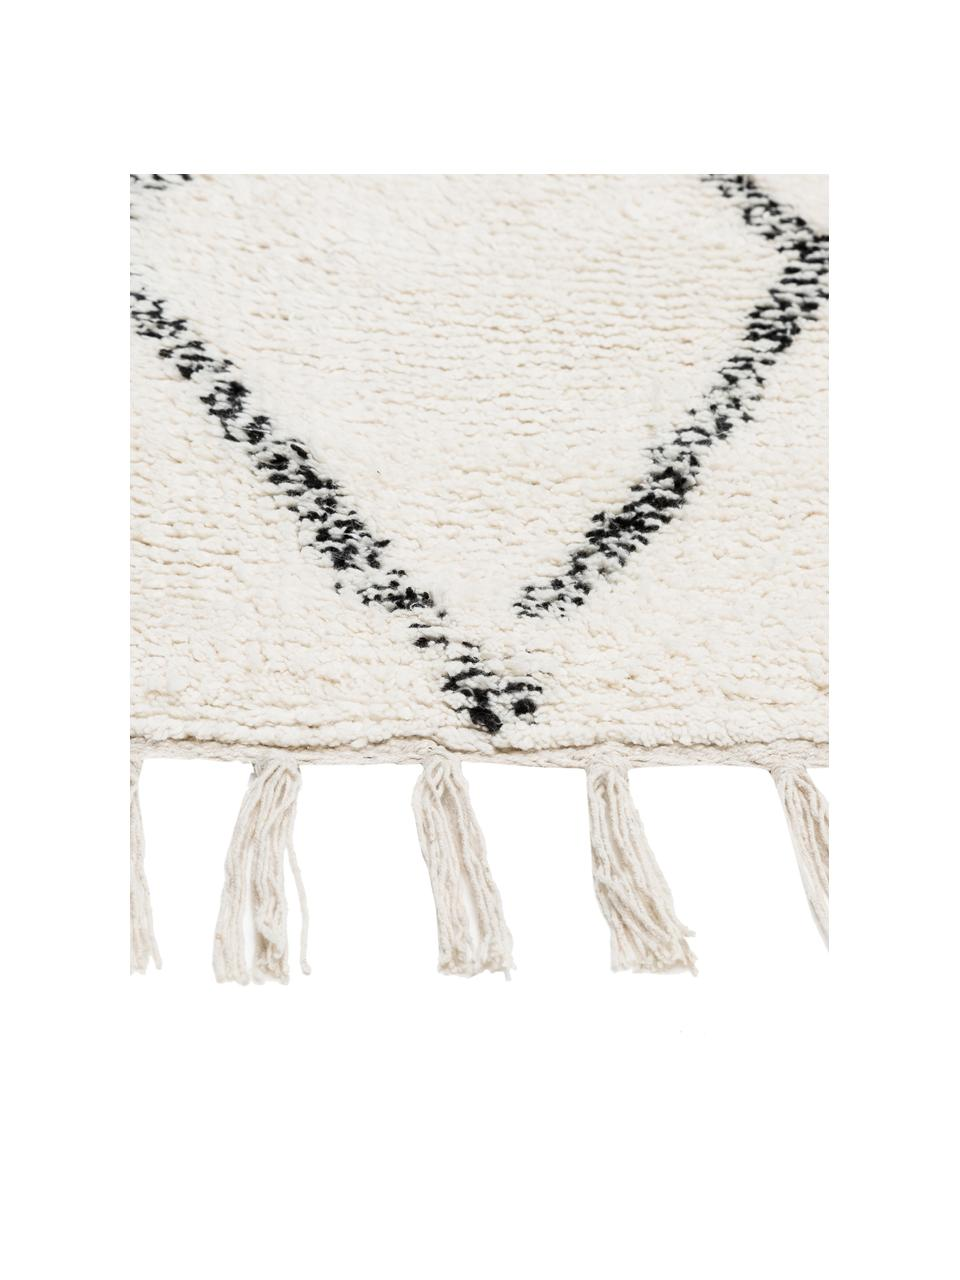 Tappeto tessuto a mano con frange Berber, 100% cotone, Grigio, bianco crema, Larg. 140 x Lung. 200 cm (taglia S)